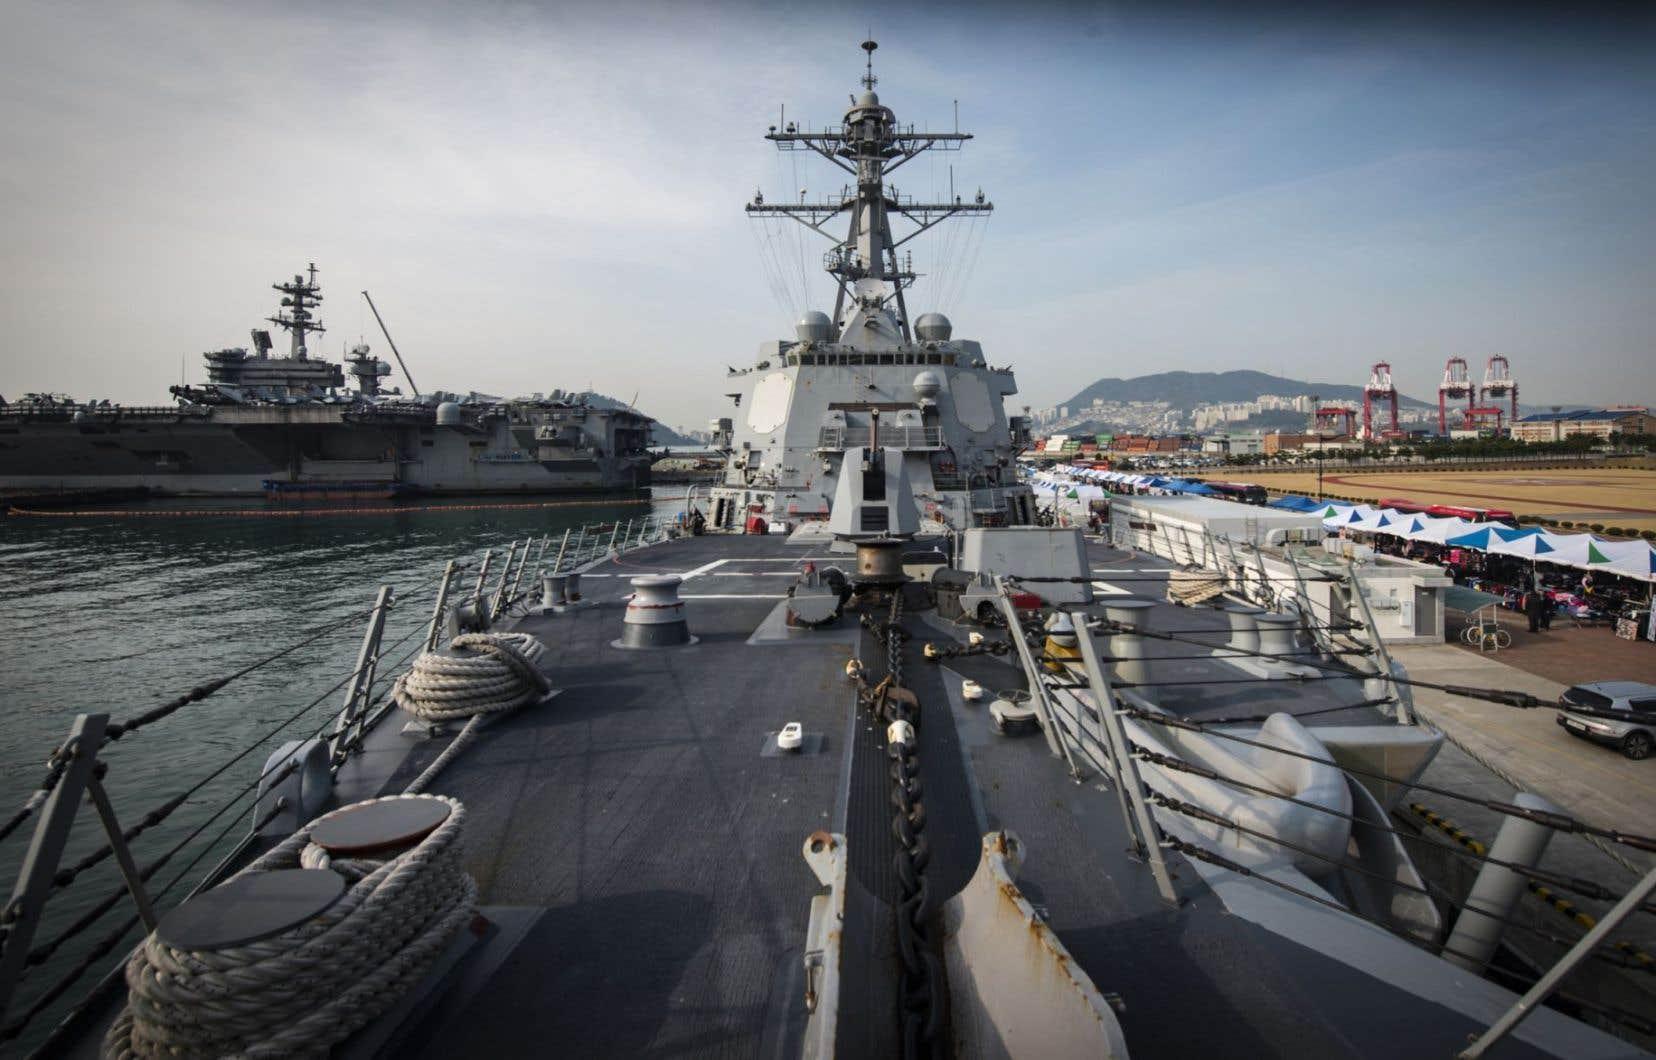 Le porte-avions <em>USS Carl Vinson</em> et son escadre font route vers la péninsule coréenne, alors qu'ils devaient initialement se rendre en Australie.